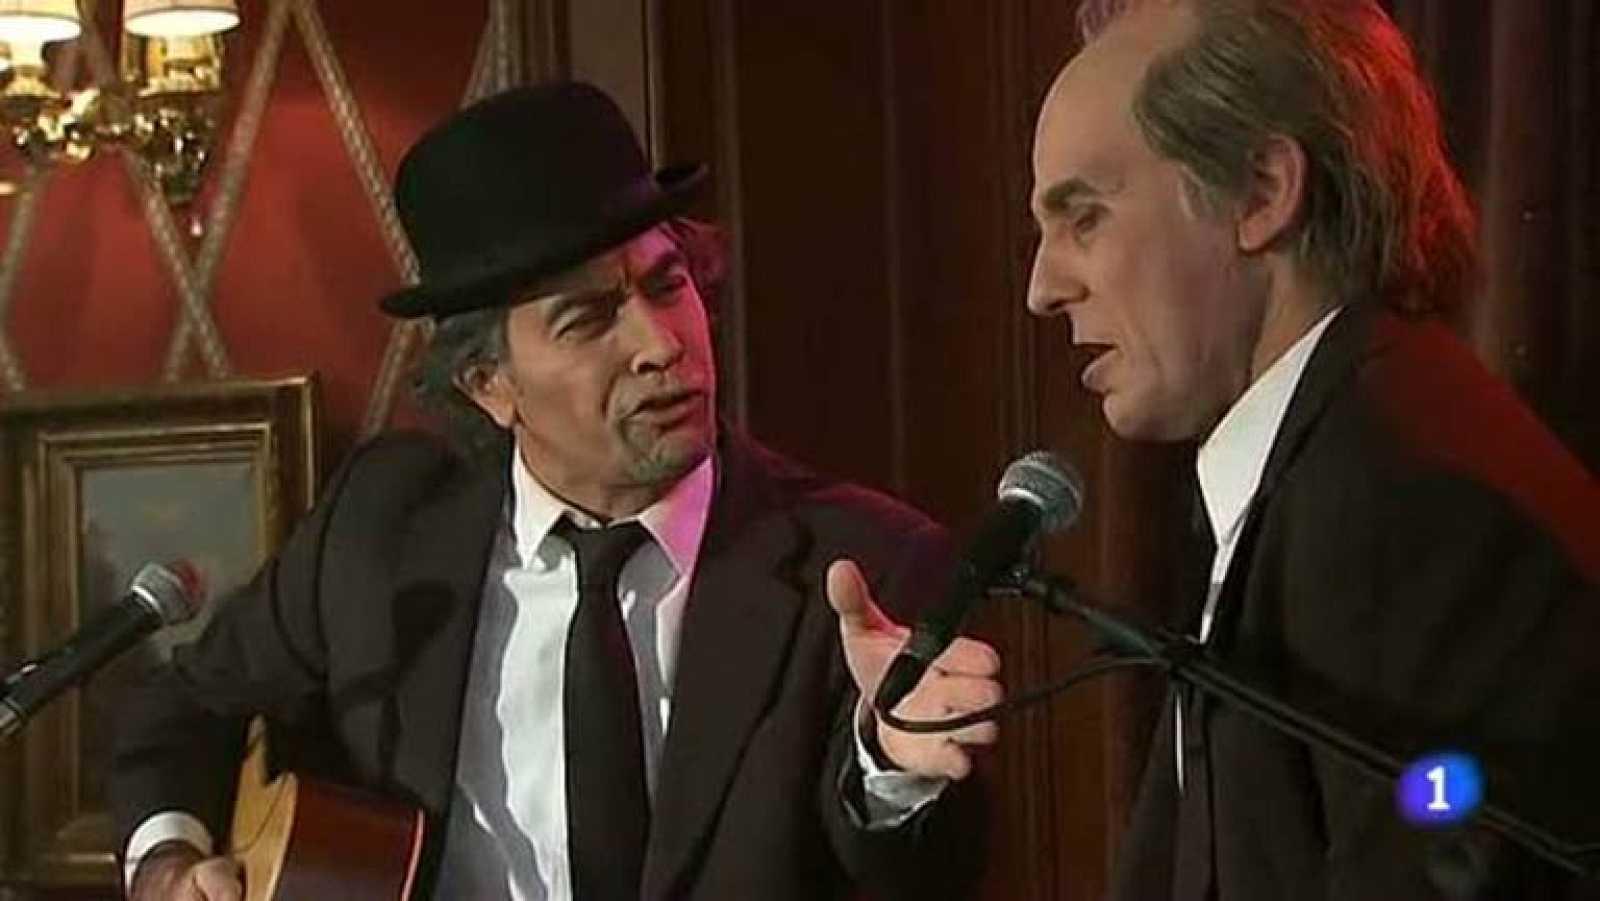 Especial Nochevieja 2012 - Hotel 13 estrellas 12 uvas - Sabina y Serrat - ver vídeo